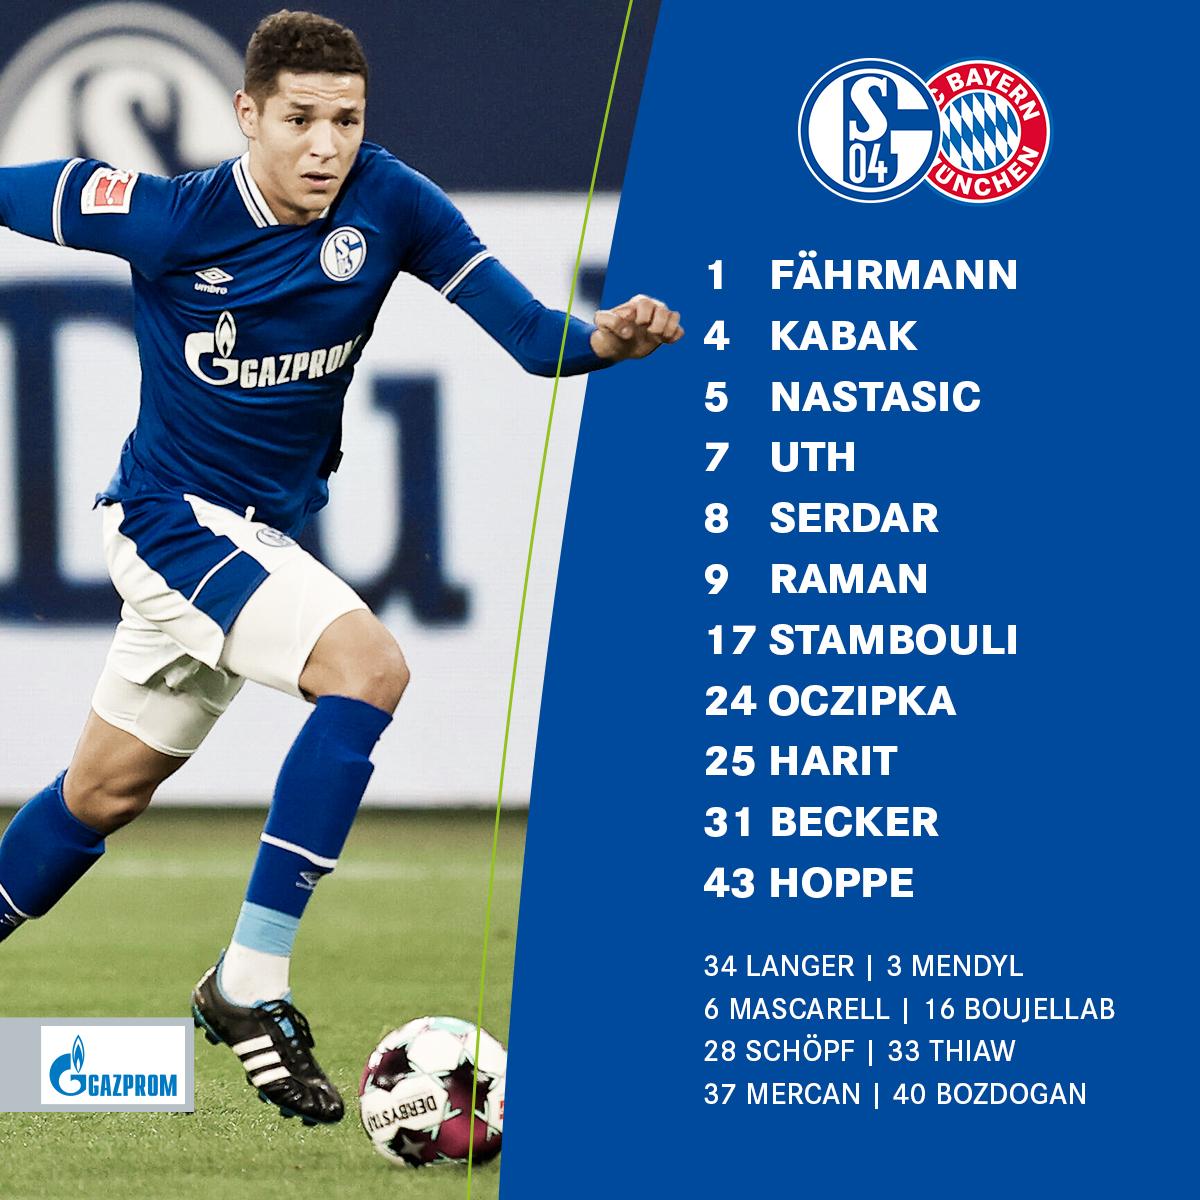 The Bundesliga Thread 20/21  - Page 13 EsgAvzjXEAAtj_t?format=jpg&name=medium